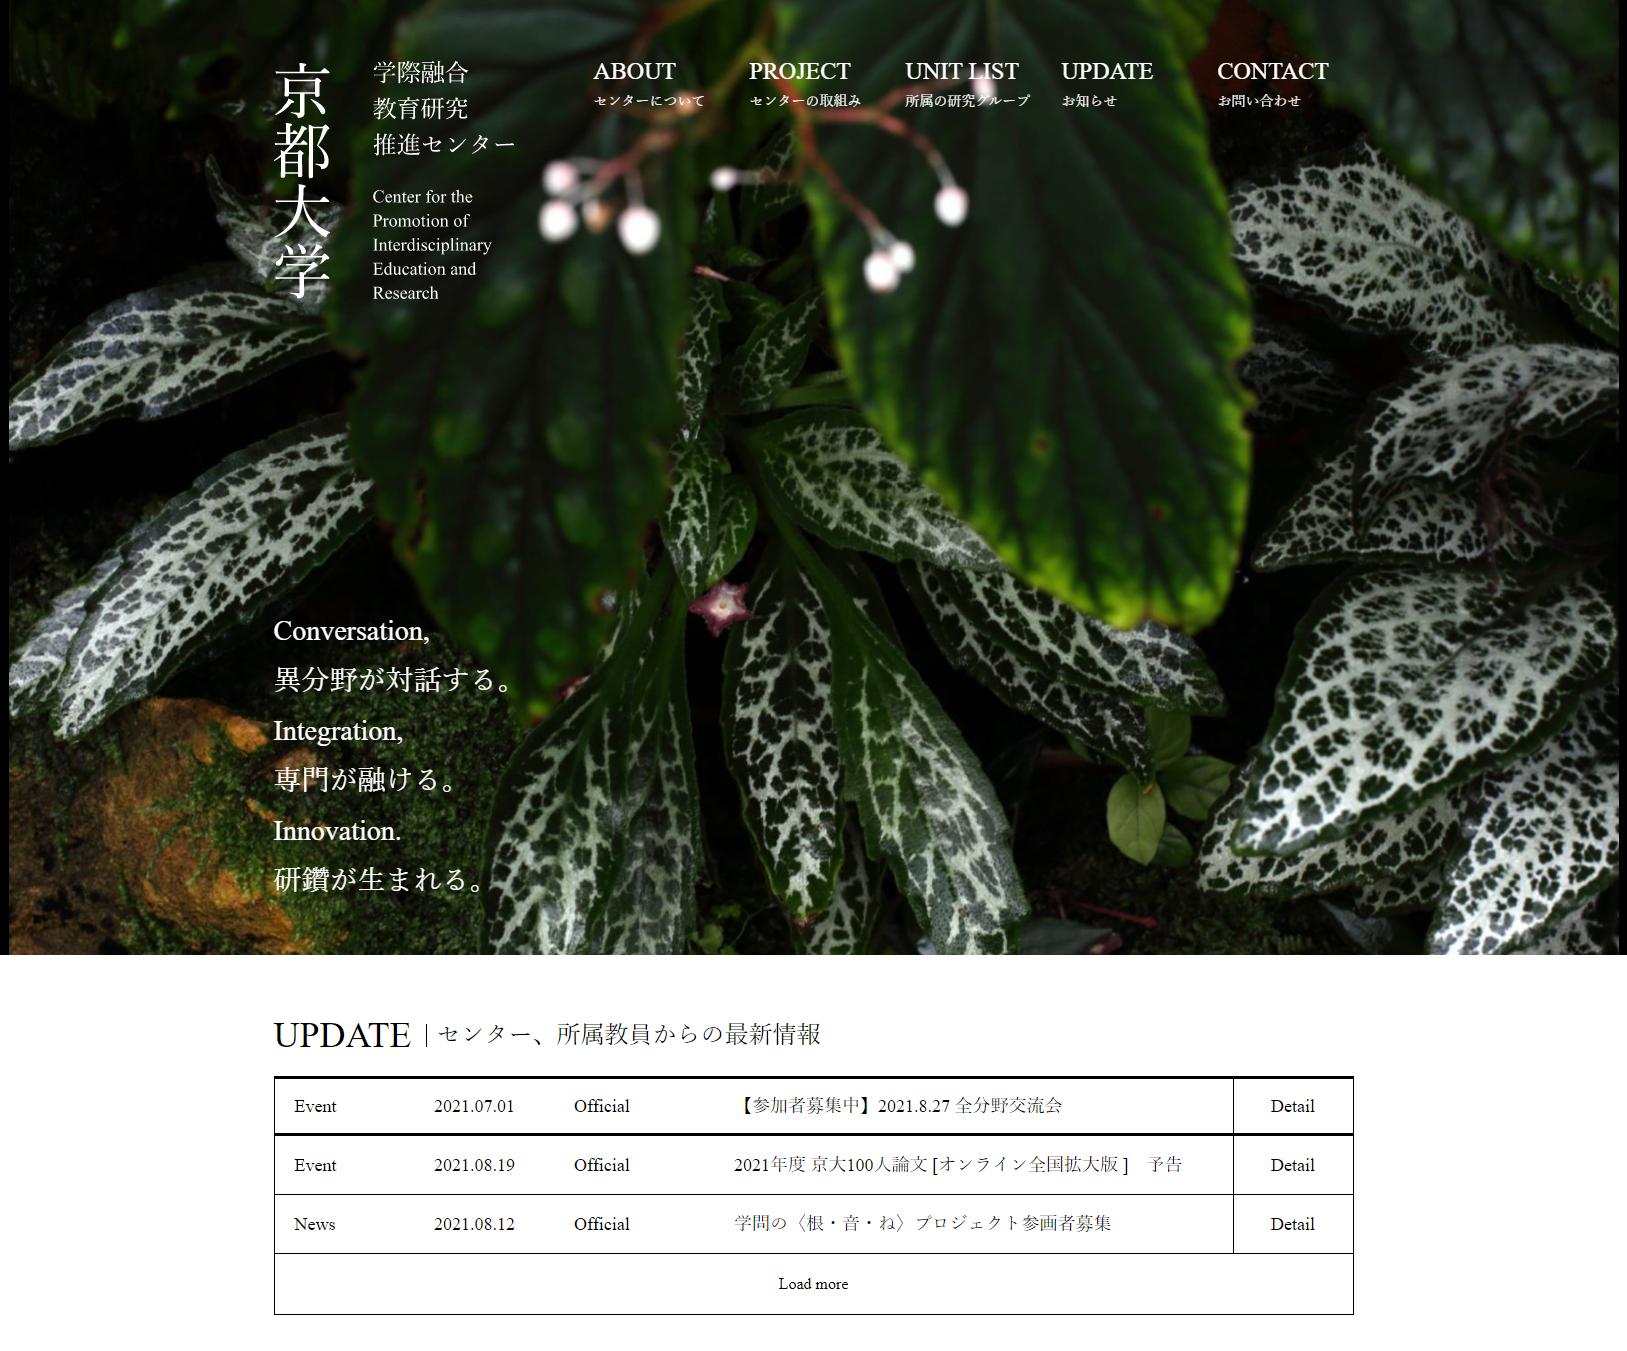 京都大_学際融合教育研究推進センター_top (2)